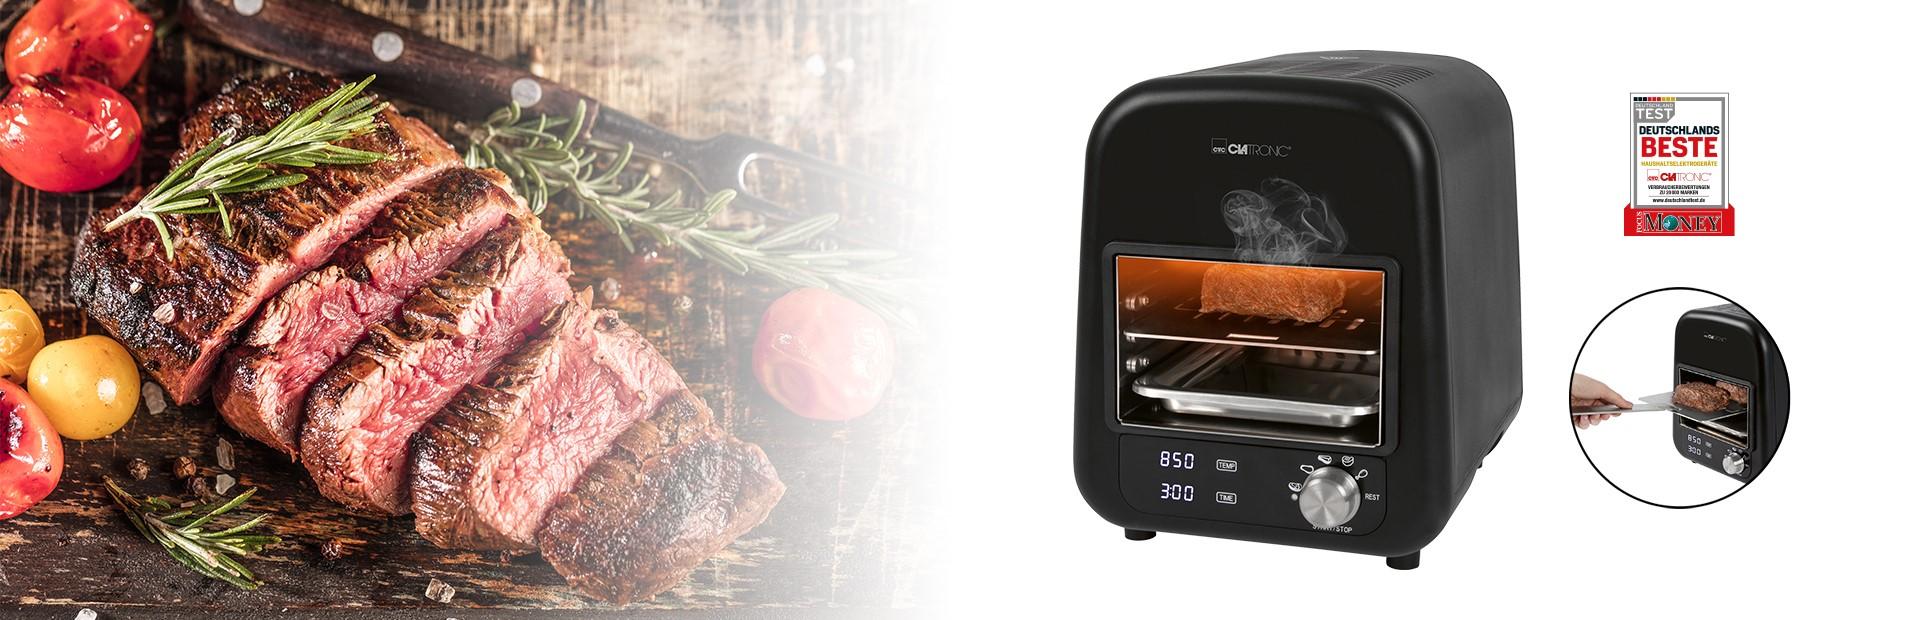 Perfektes Steak? Kein Problem mit unserem 850 °C Elektro Beef-Grill EBG 3760.